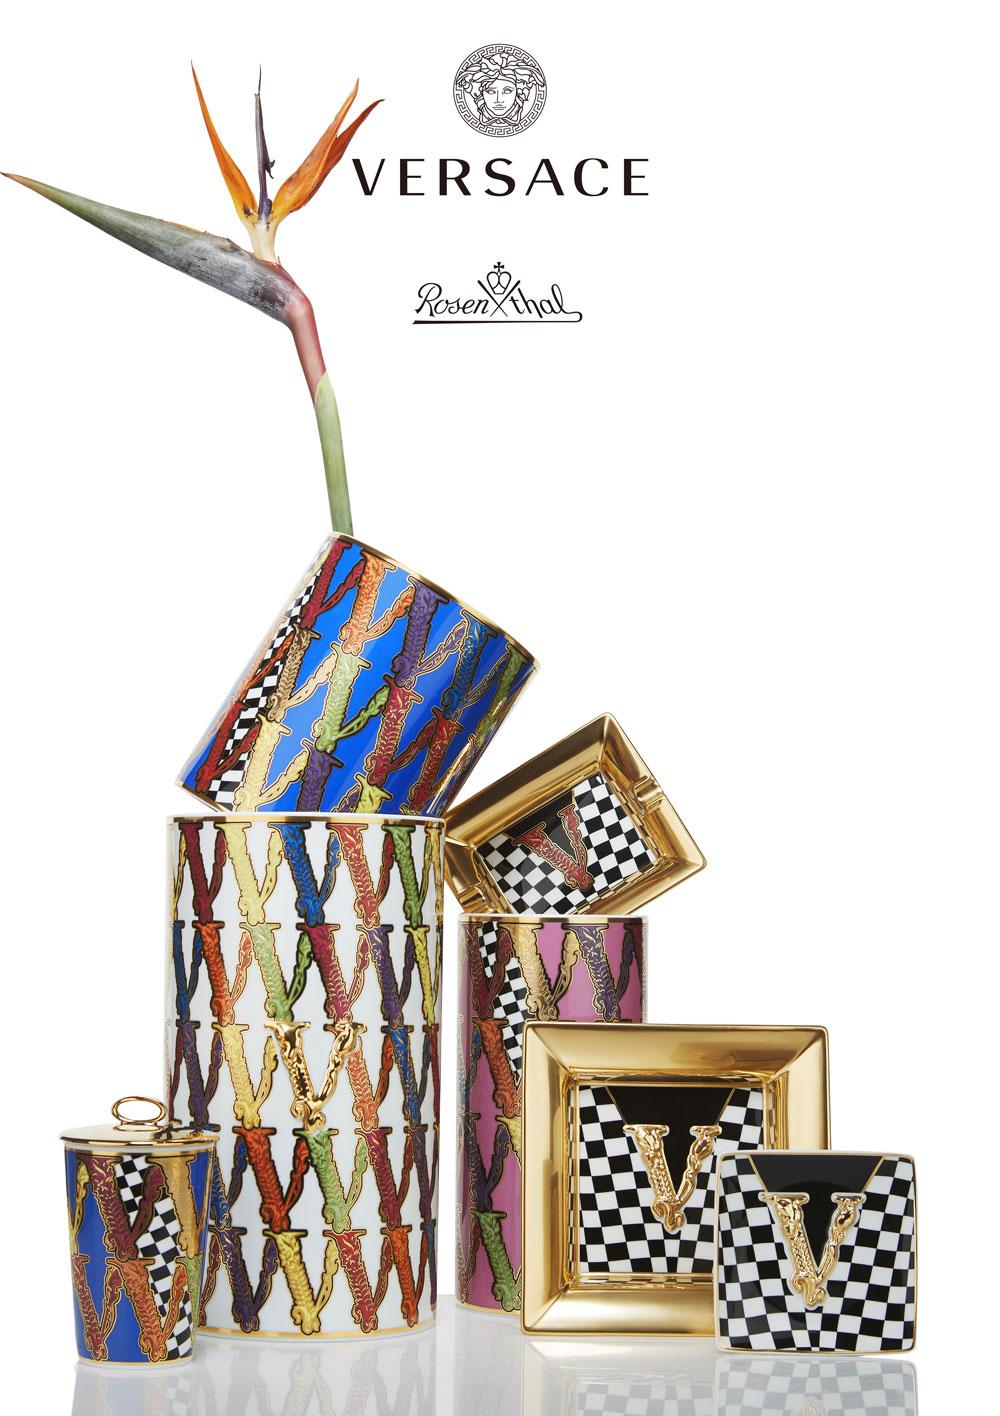 宛如閃閃發亮精品包VIRTUS瓷器,家飾精品推薦 VERSACE x ROSENTHAL